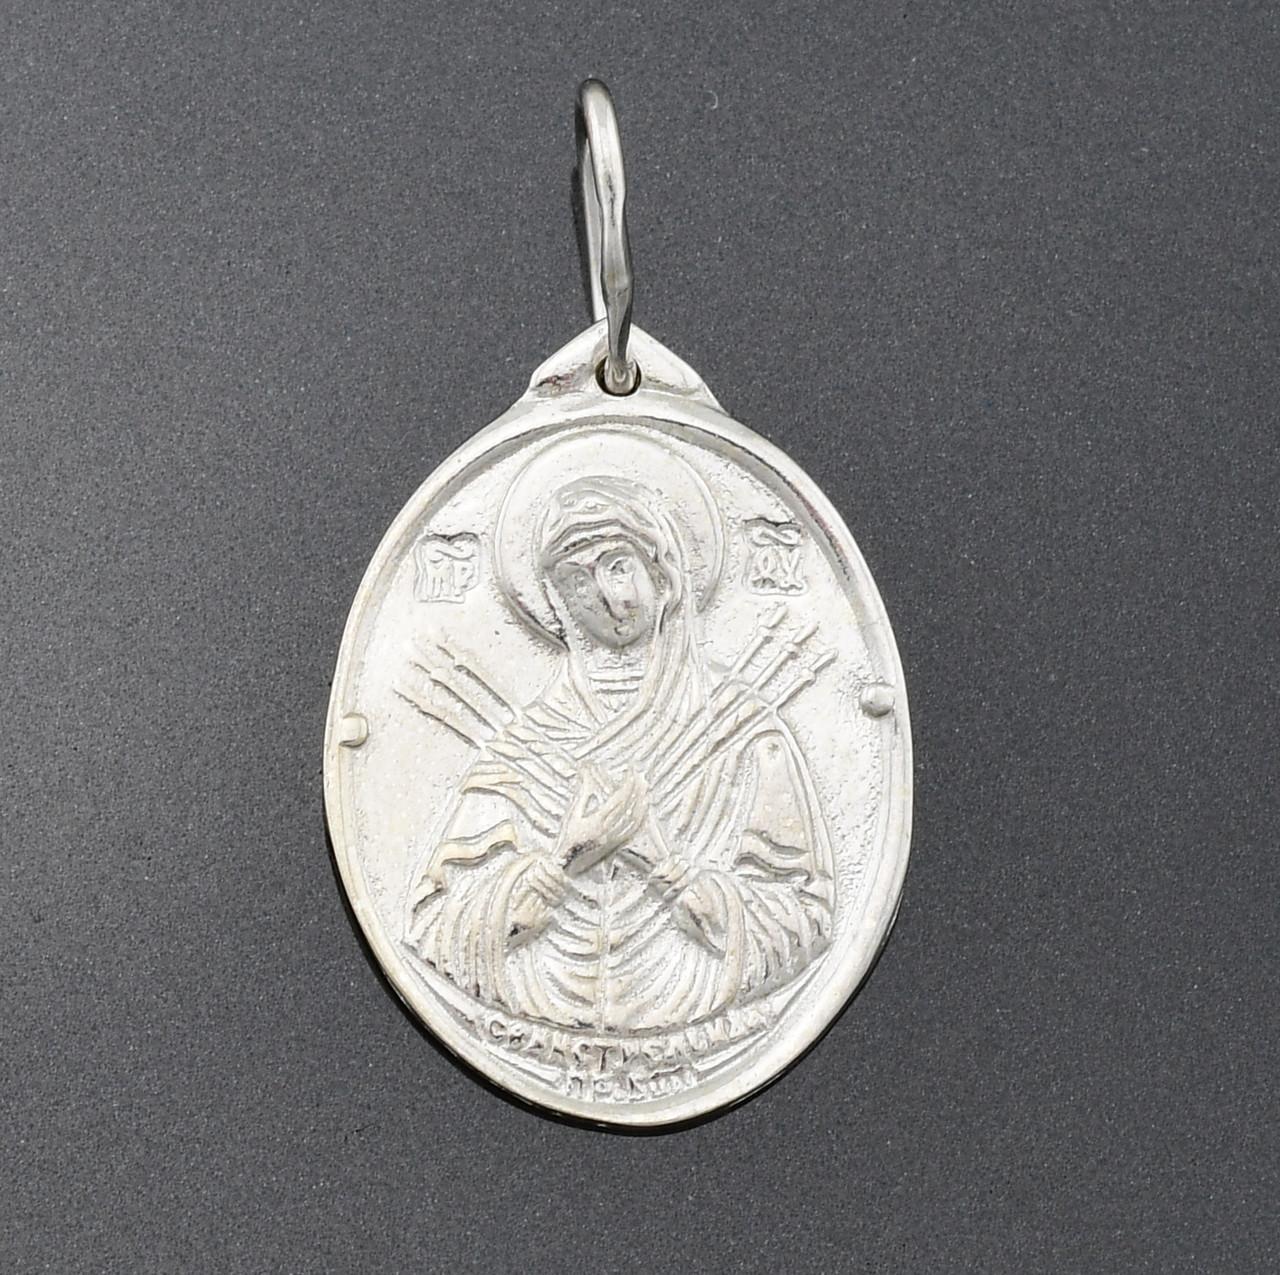 Серебряная иконка Семистрельная размер 30х17 мм вес 2.51 г